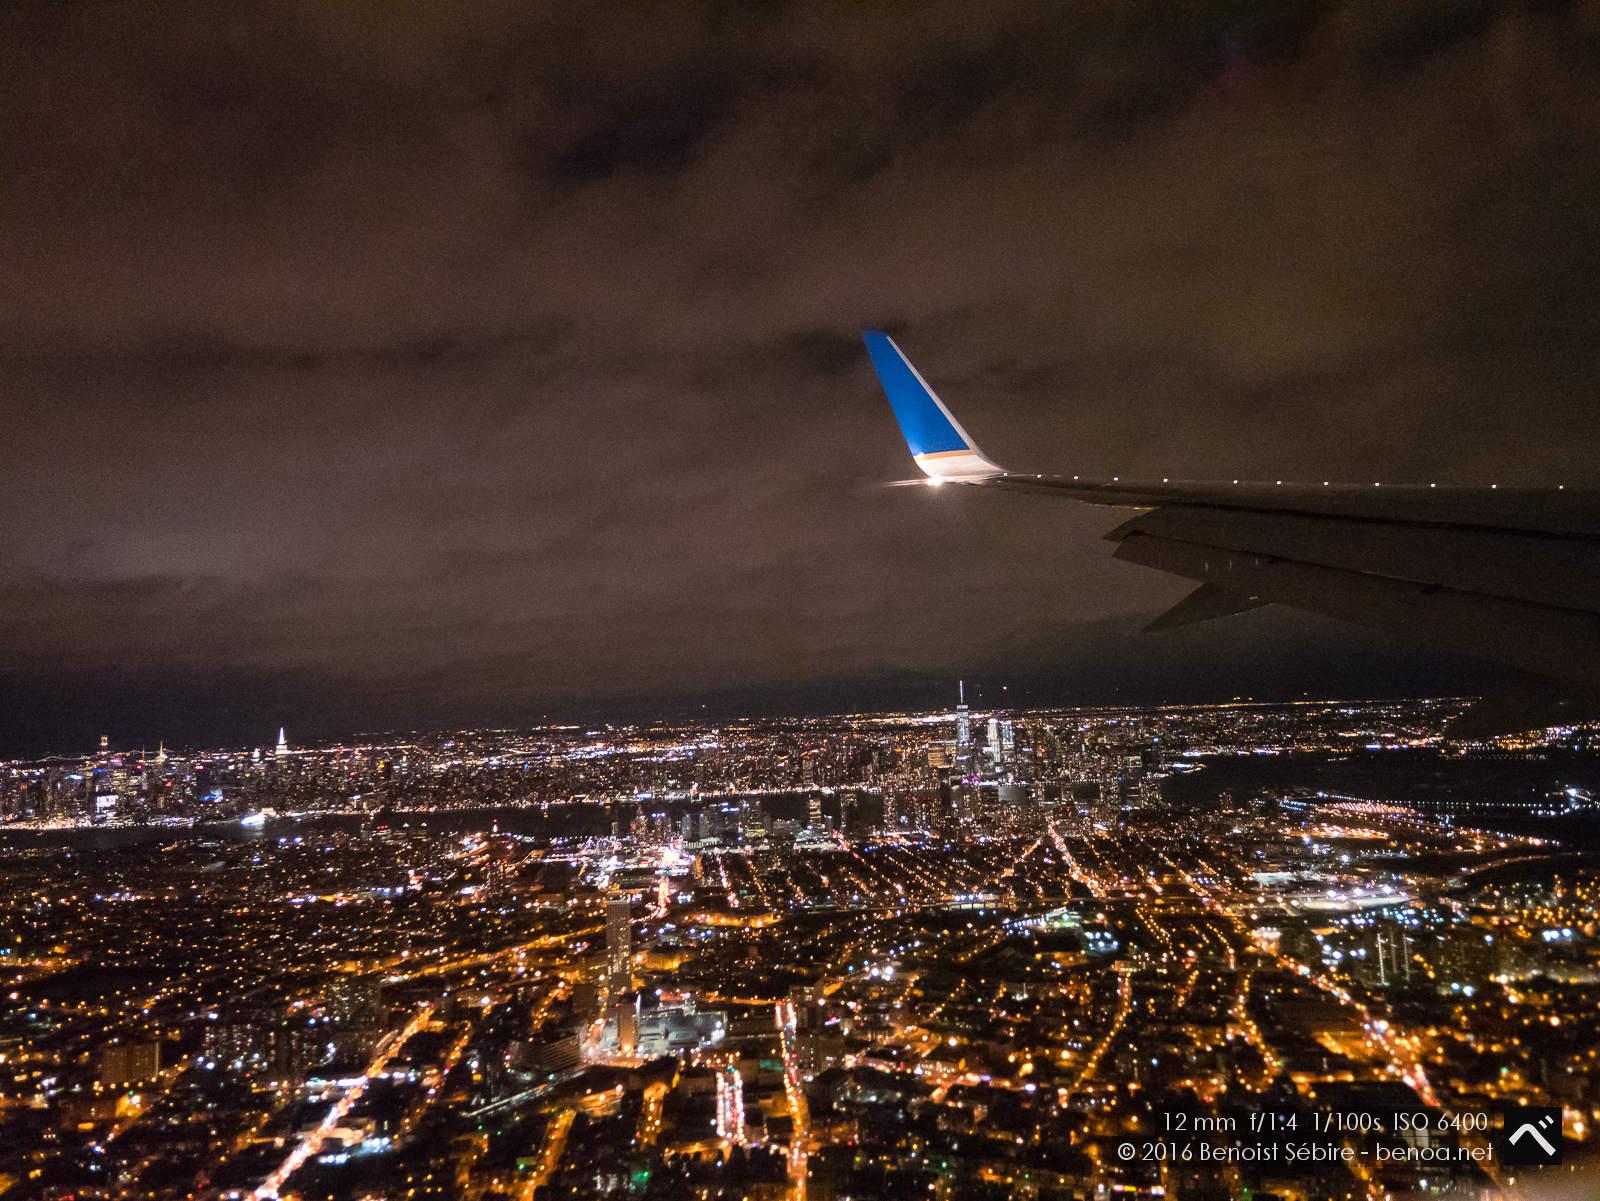 Landing in Newark